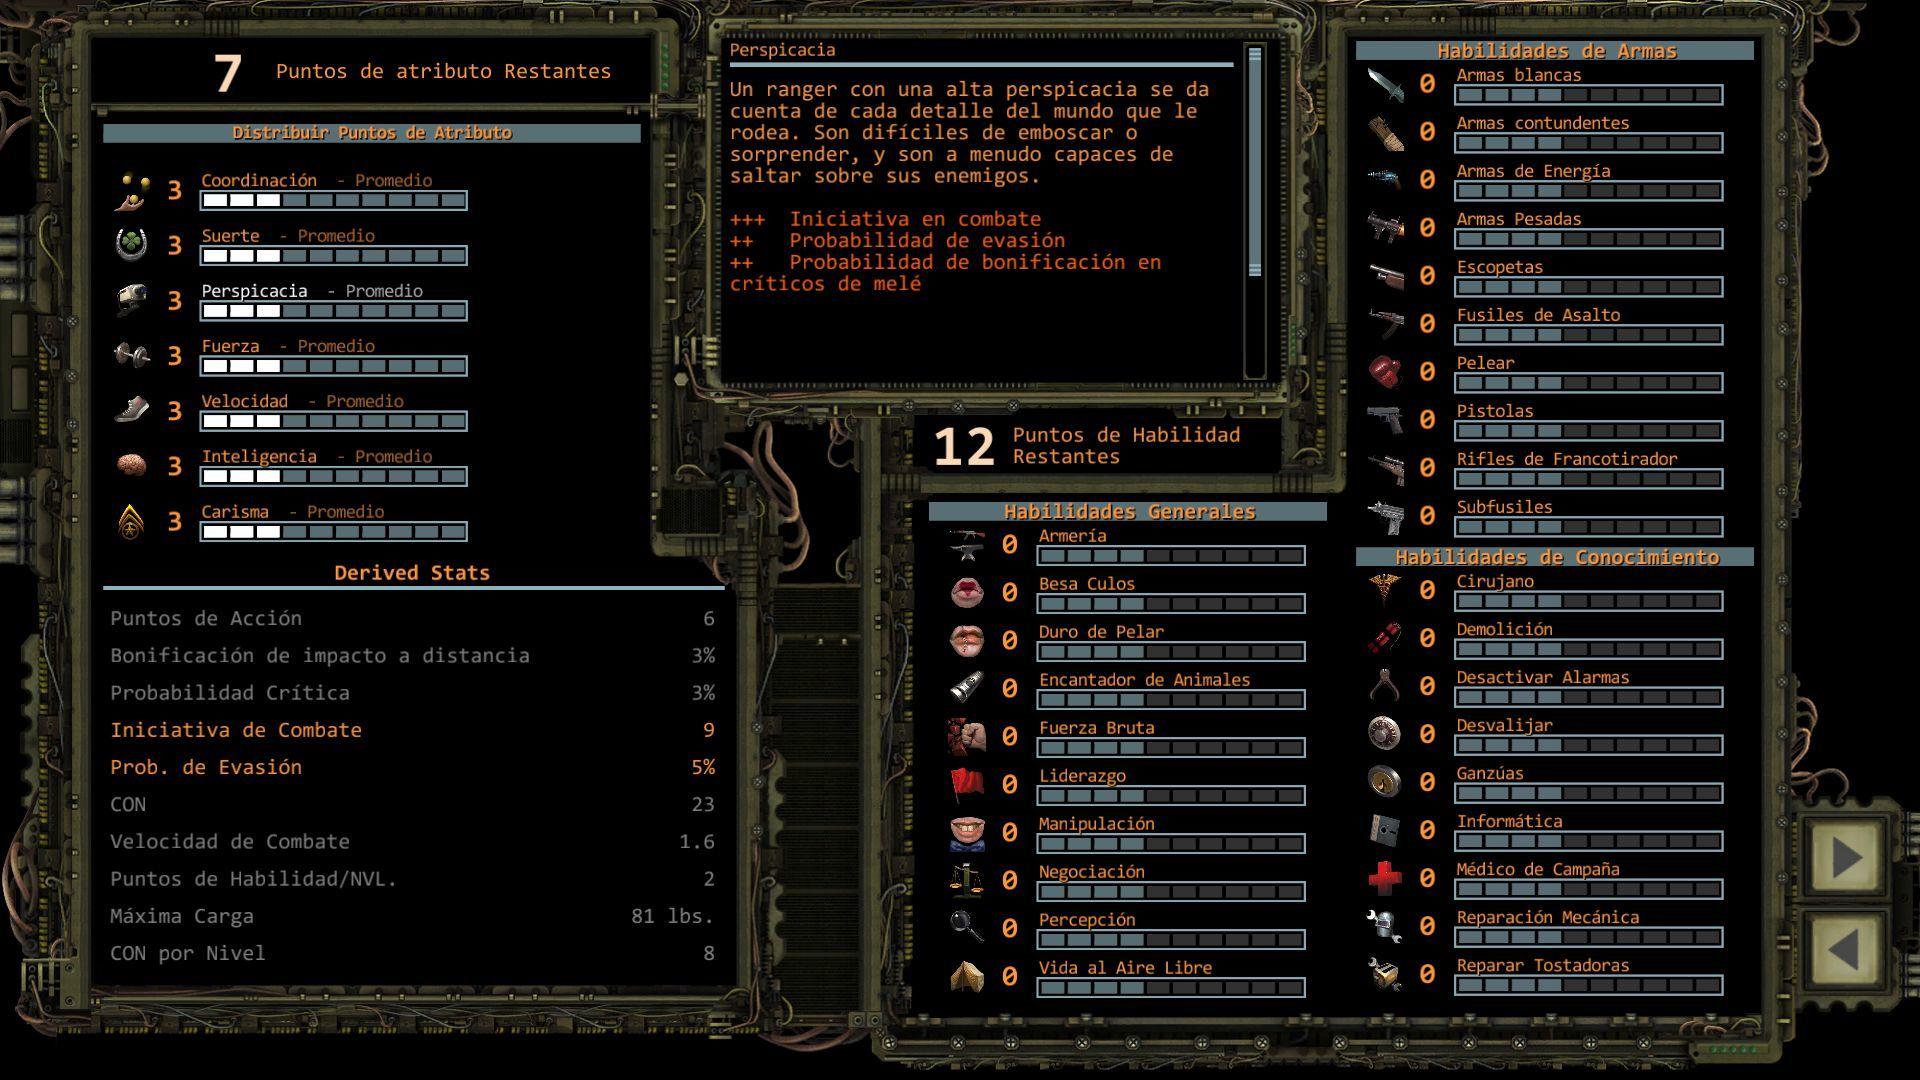 Foto de Distribución de puntos de Atributo en Wasteland 2 (5/11)